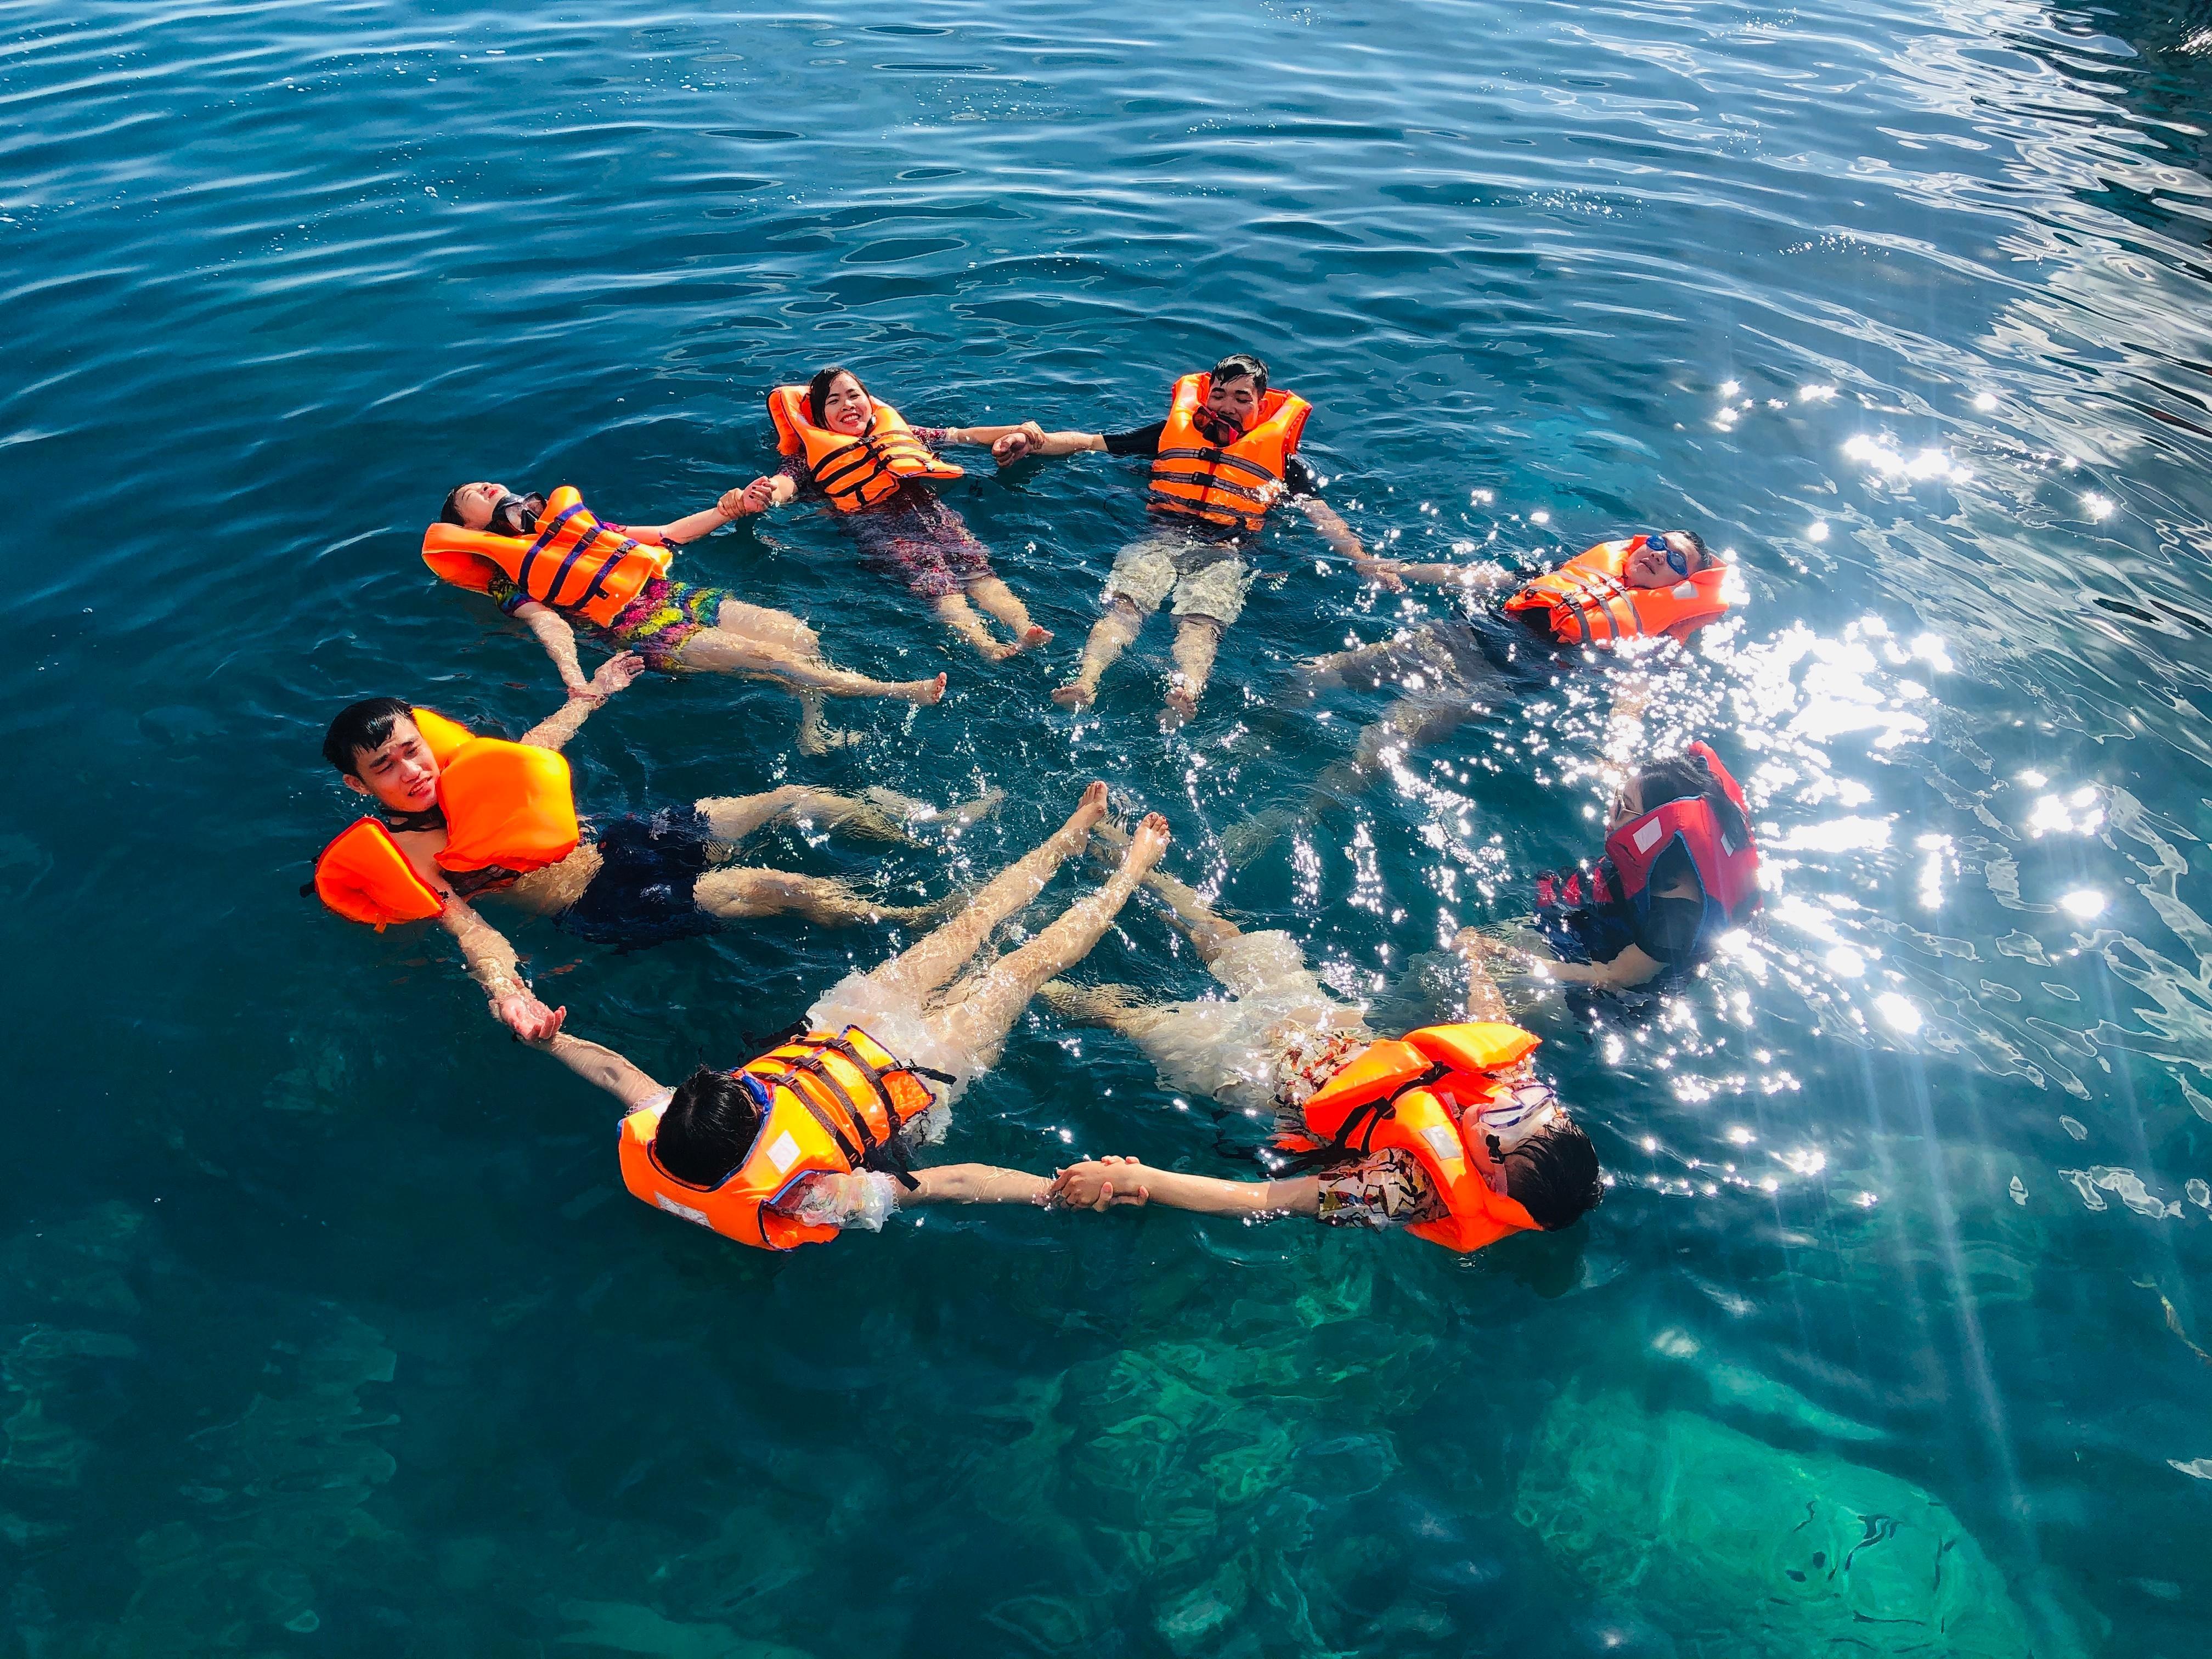 Điểm danh 15 địa điểm siêu đẹp ở Côn Đảo lên hình cực ảo - 52